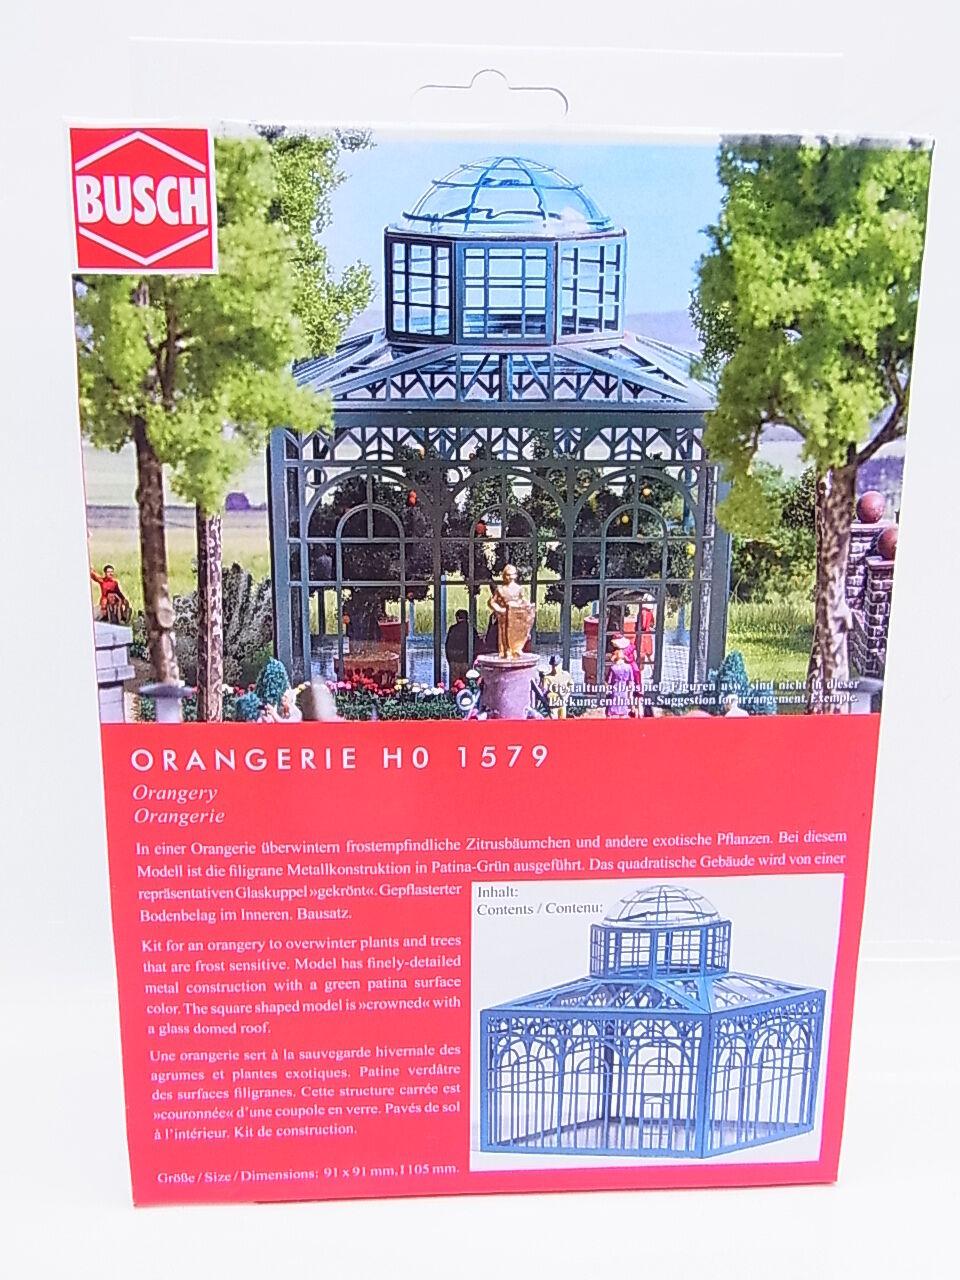 LOT 43068   Busch HO 1579 Orangerie Bausatz NEU in OVP    Won hoch geschätzt und weithin vertraut im in- und Ausland vertraut